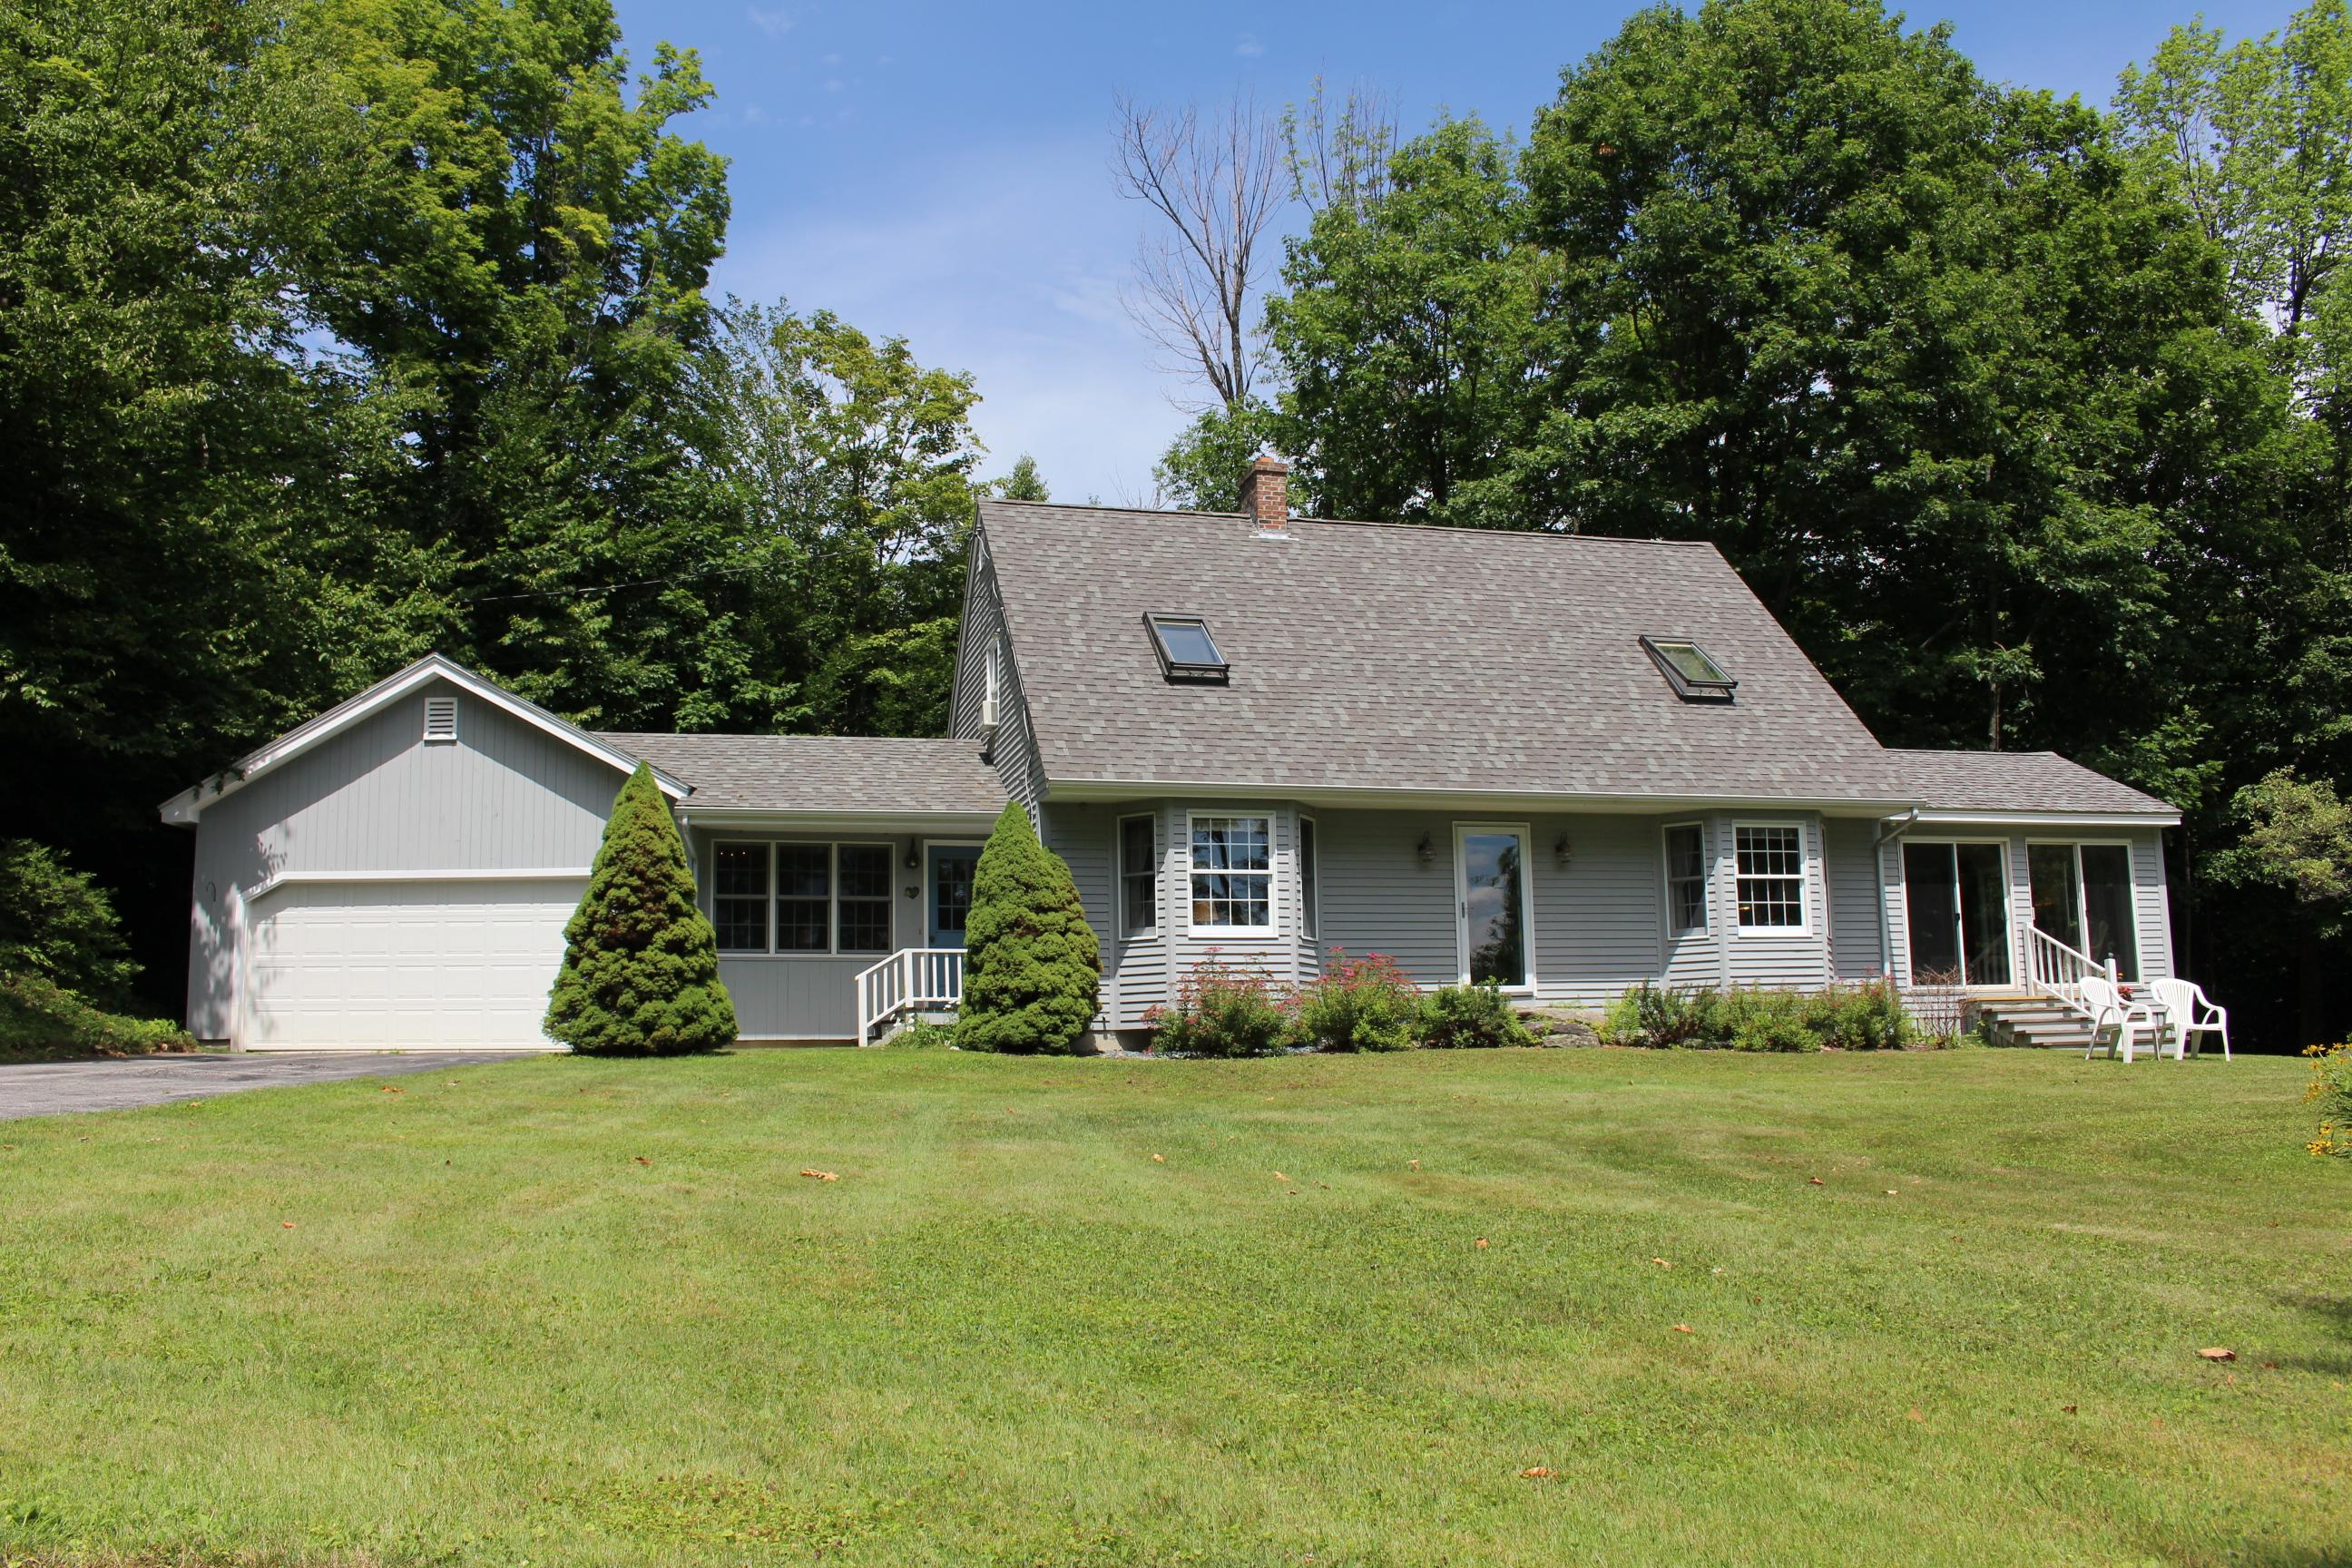 Maison unifamiliale pour l Vente à 326 North, Sunapee 326 North Rd Sunapee, New Hampshire, 03782 États-Unis